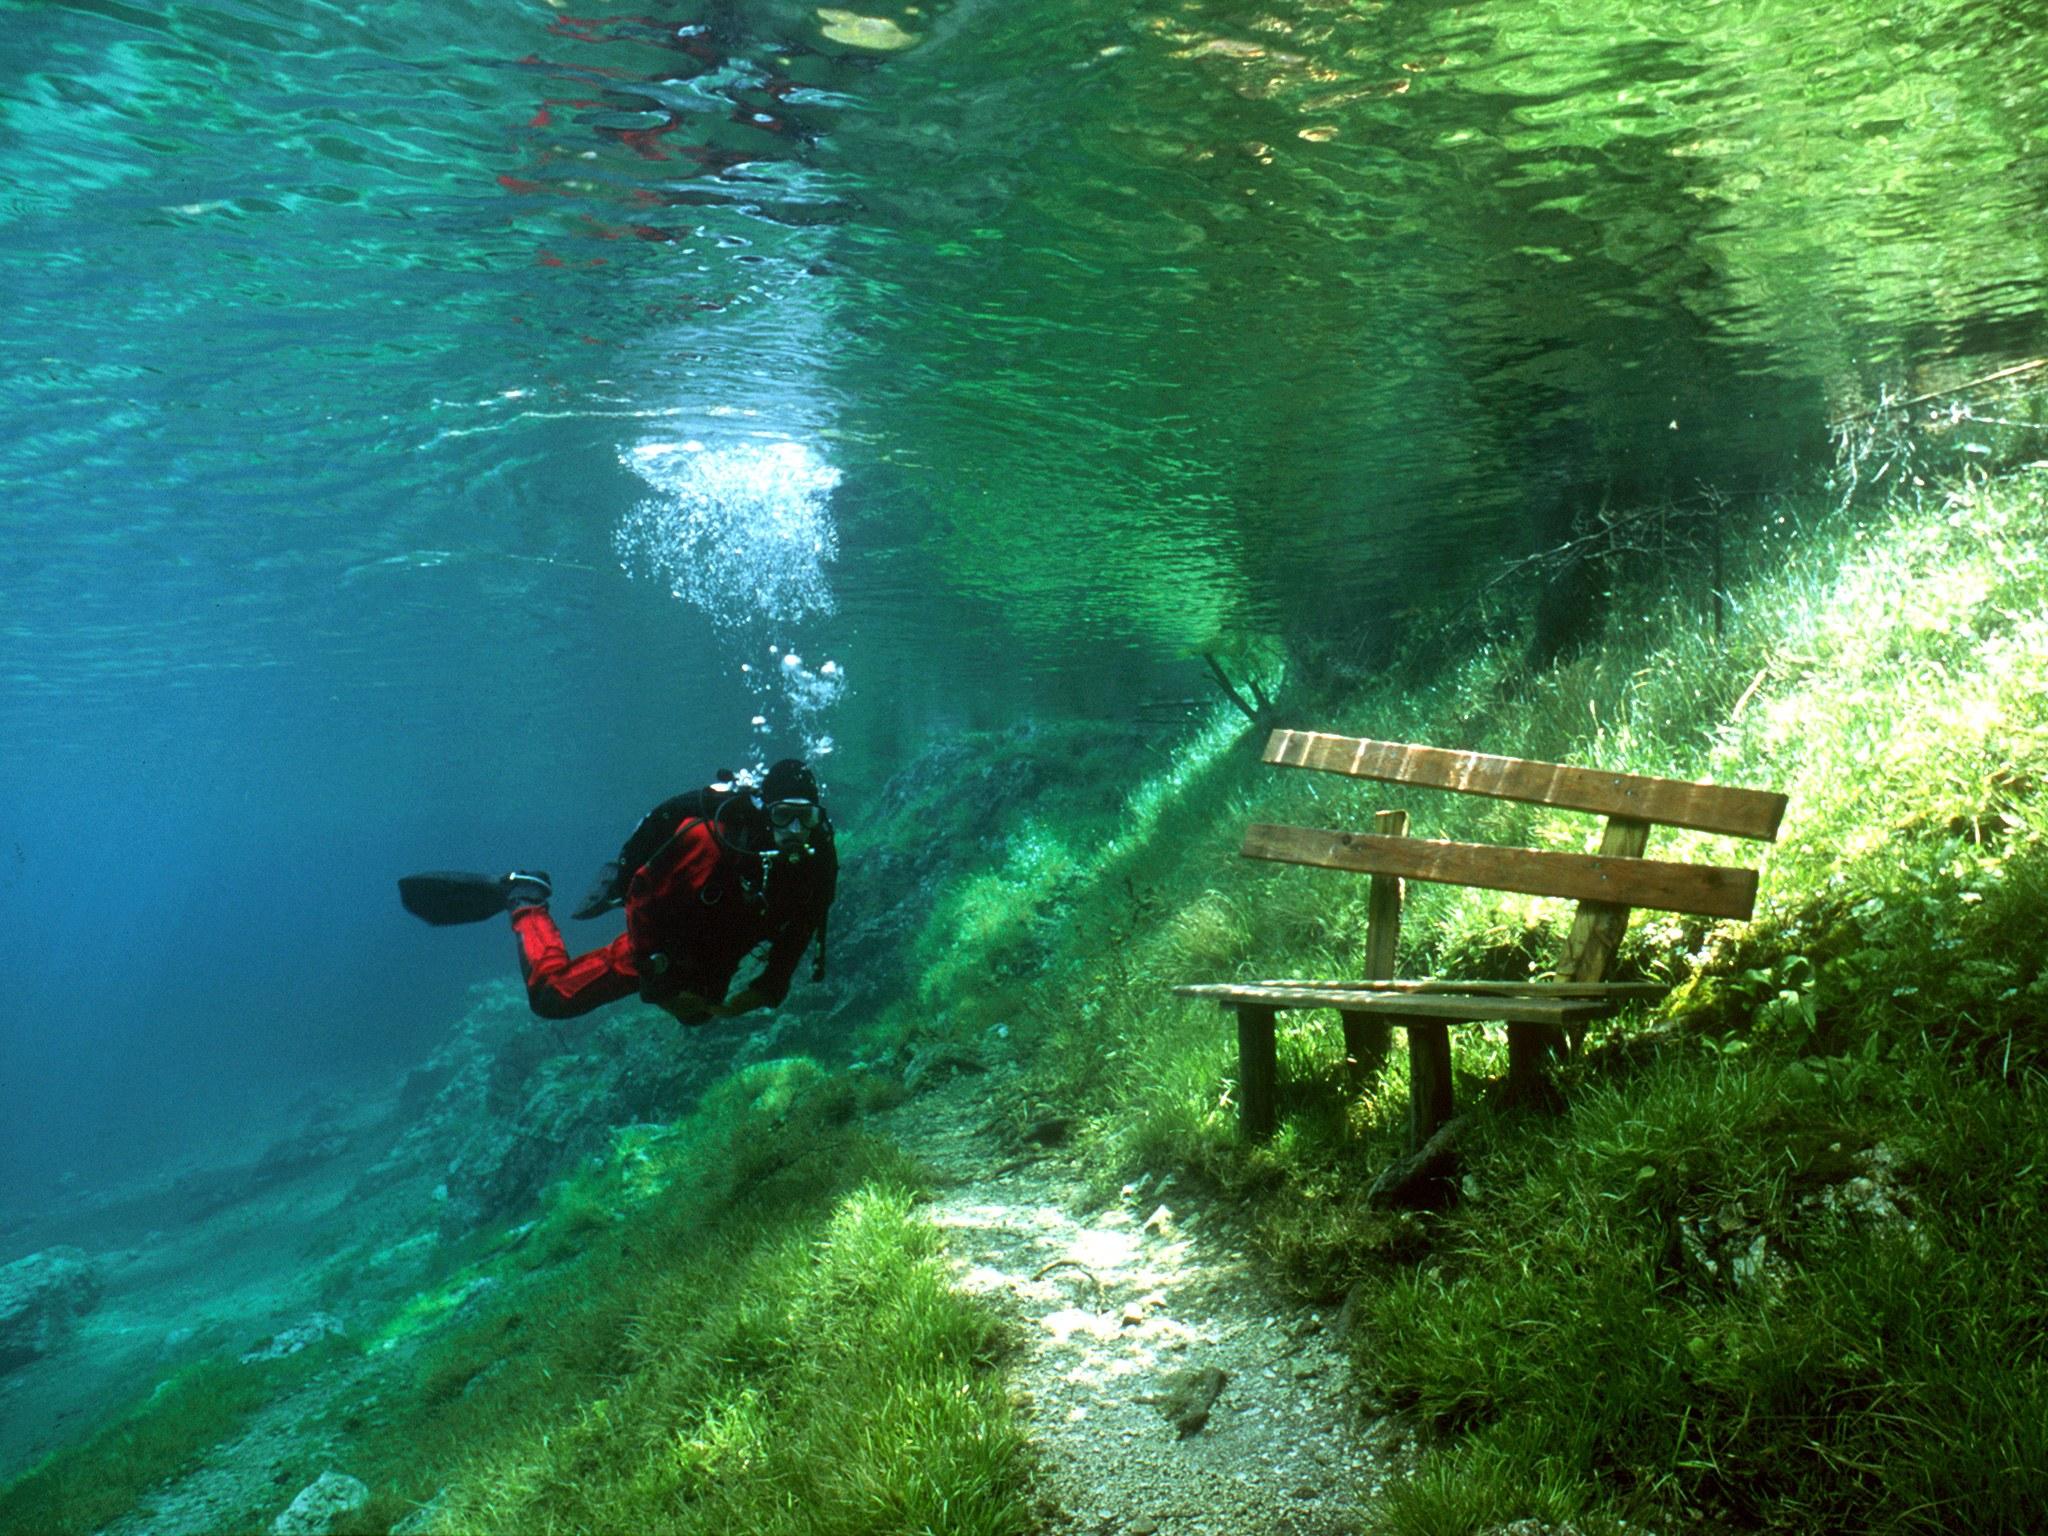 9. Зеленое озеро, Австрия. Озеро с изумрудно-зеленым цветом воды, которое находится в австрийской де